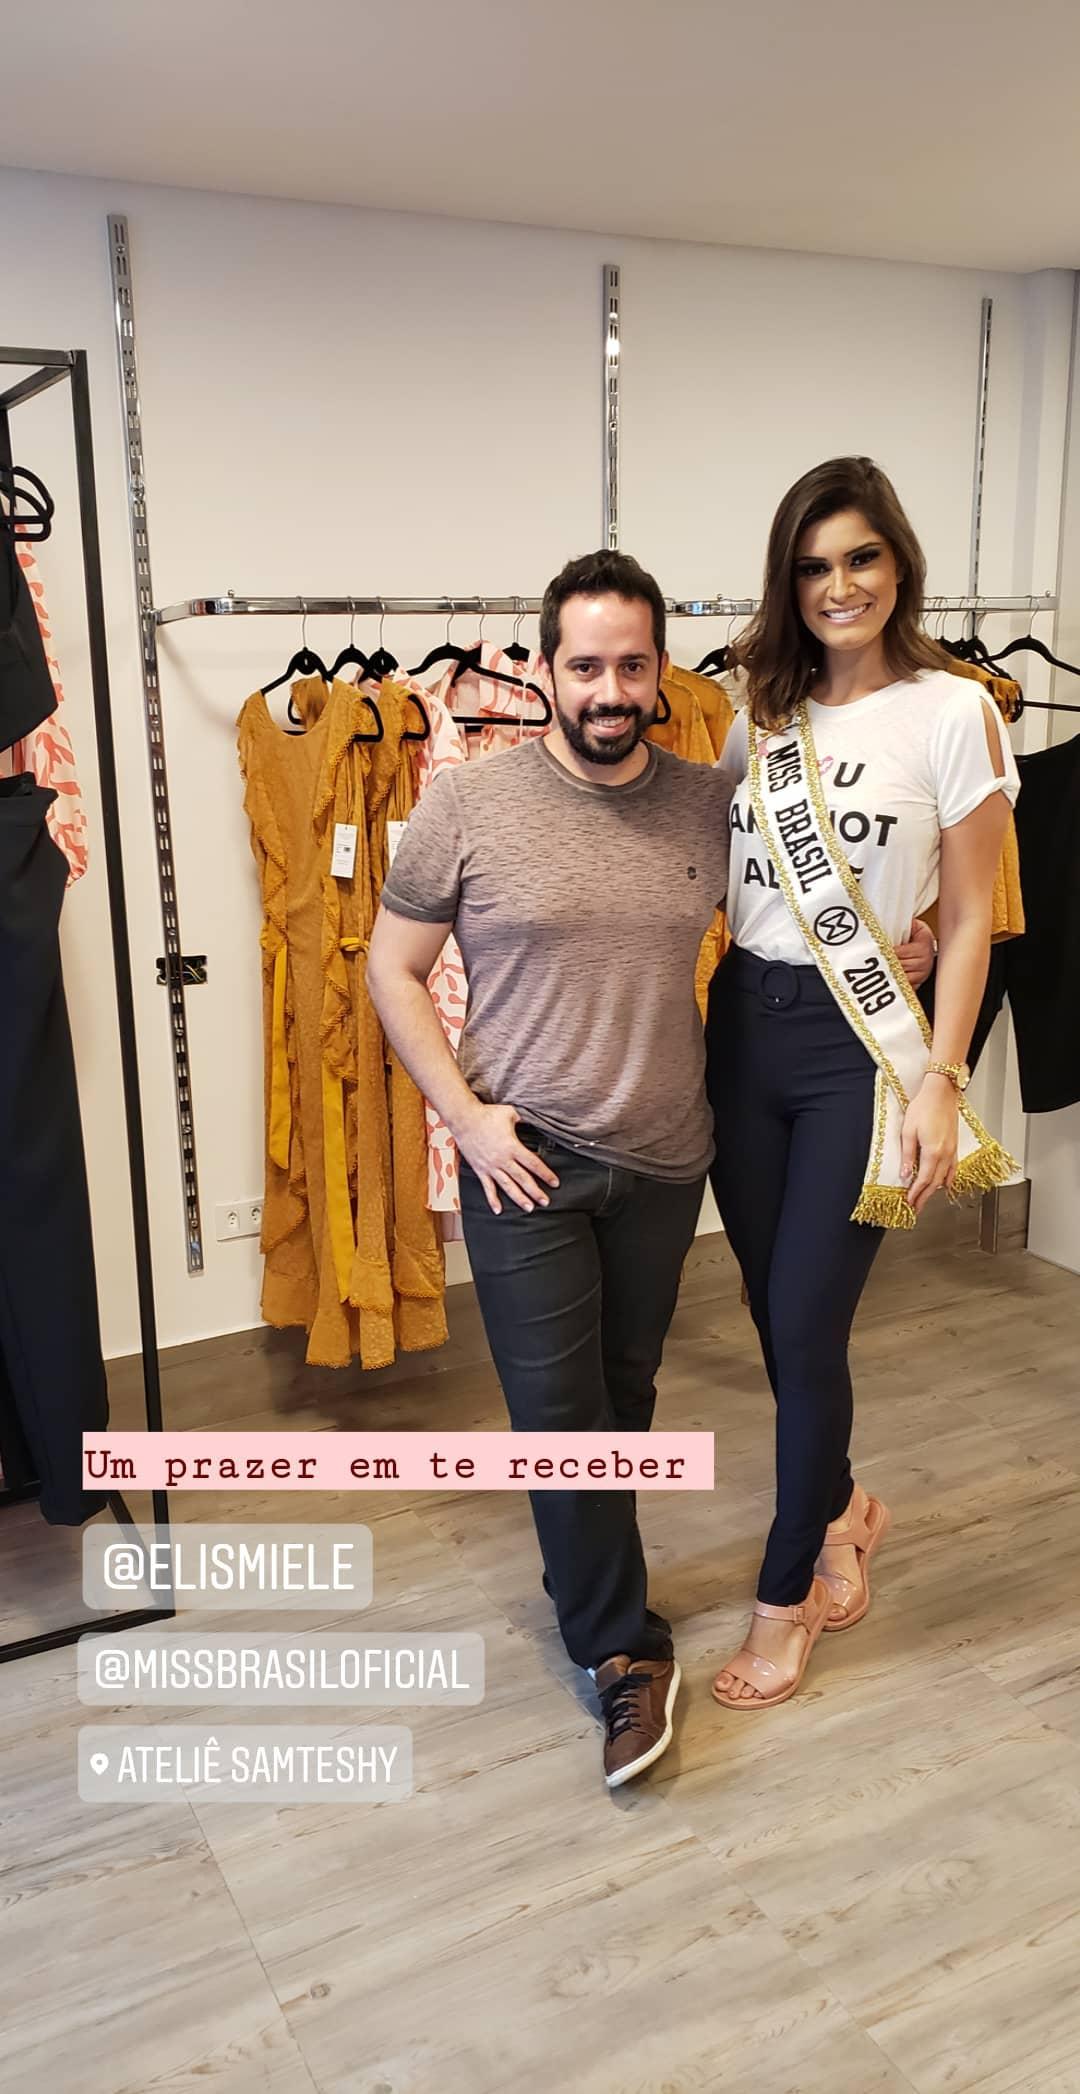 elis miele, top 5 de miss world 2019. - Página 22 Alex-530